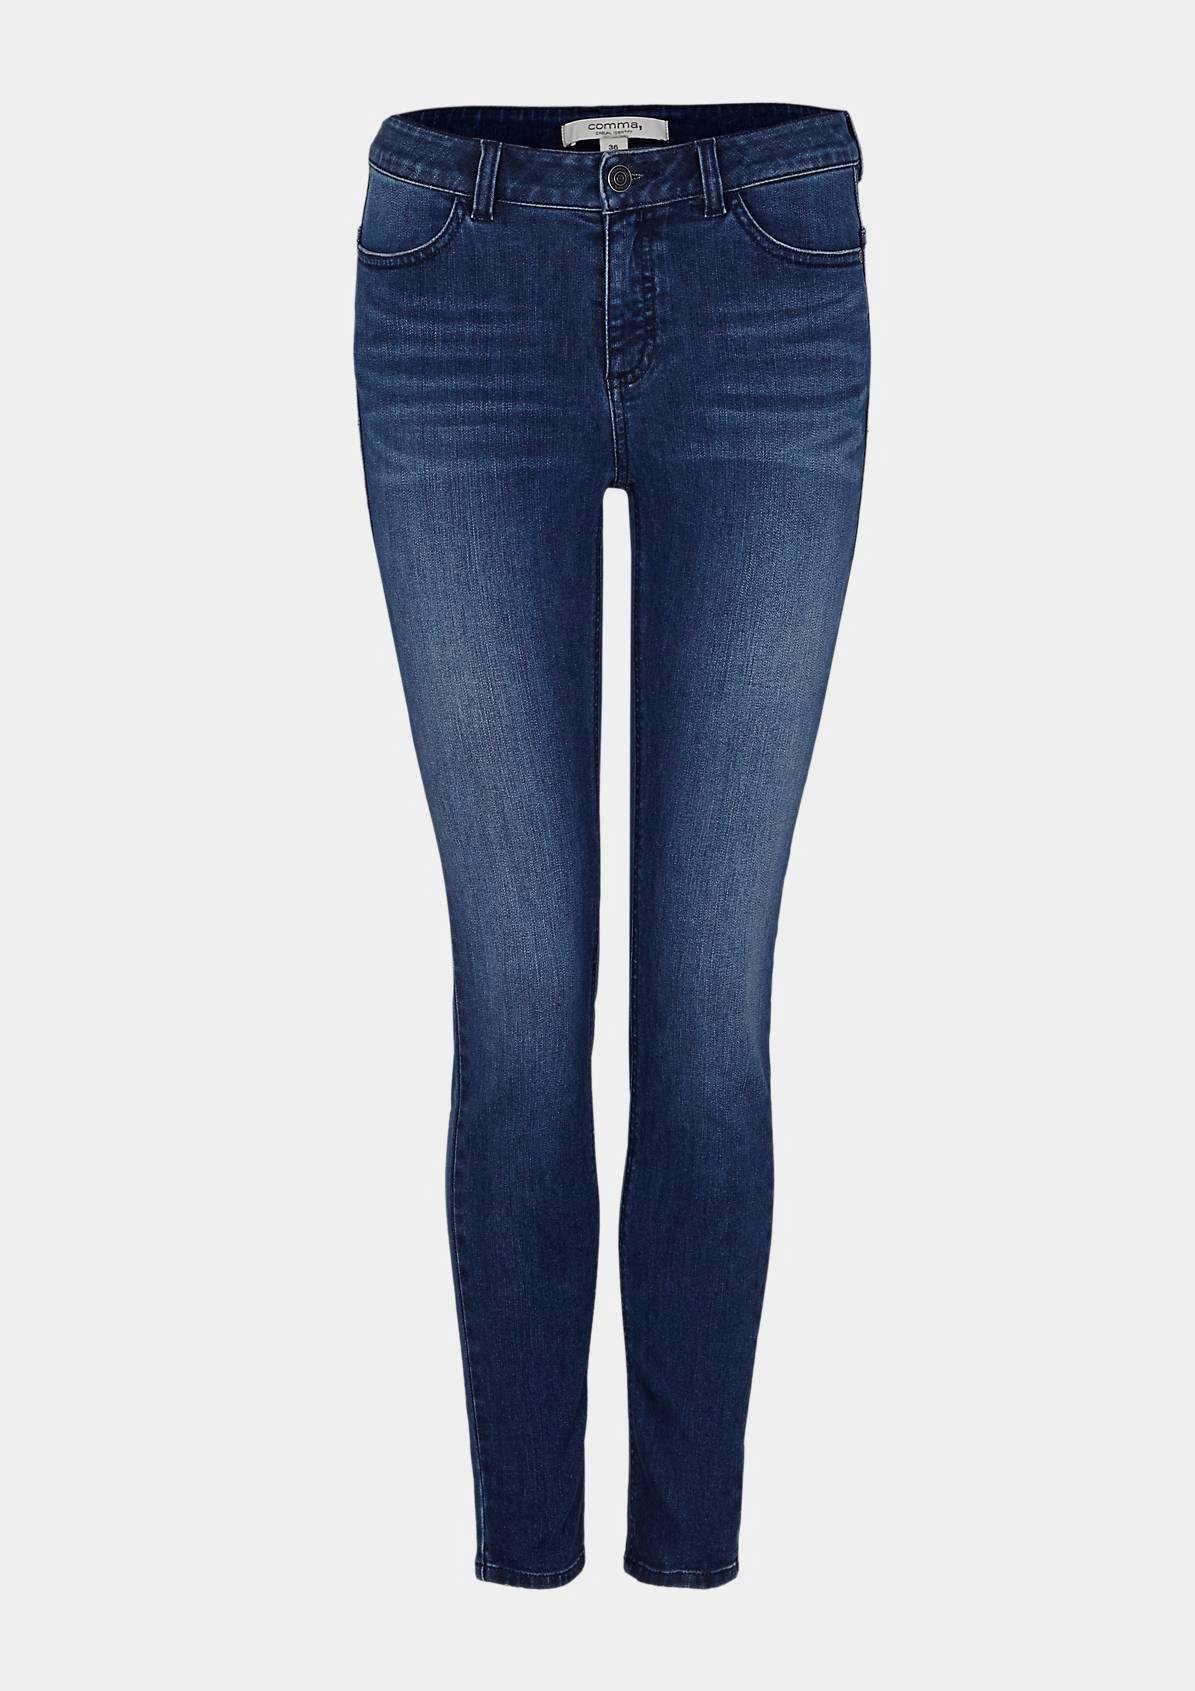 Comma Jeans in uni günstig kaufen